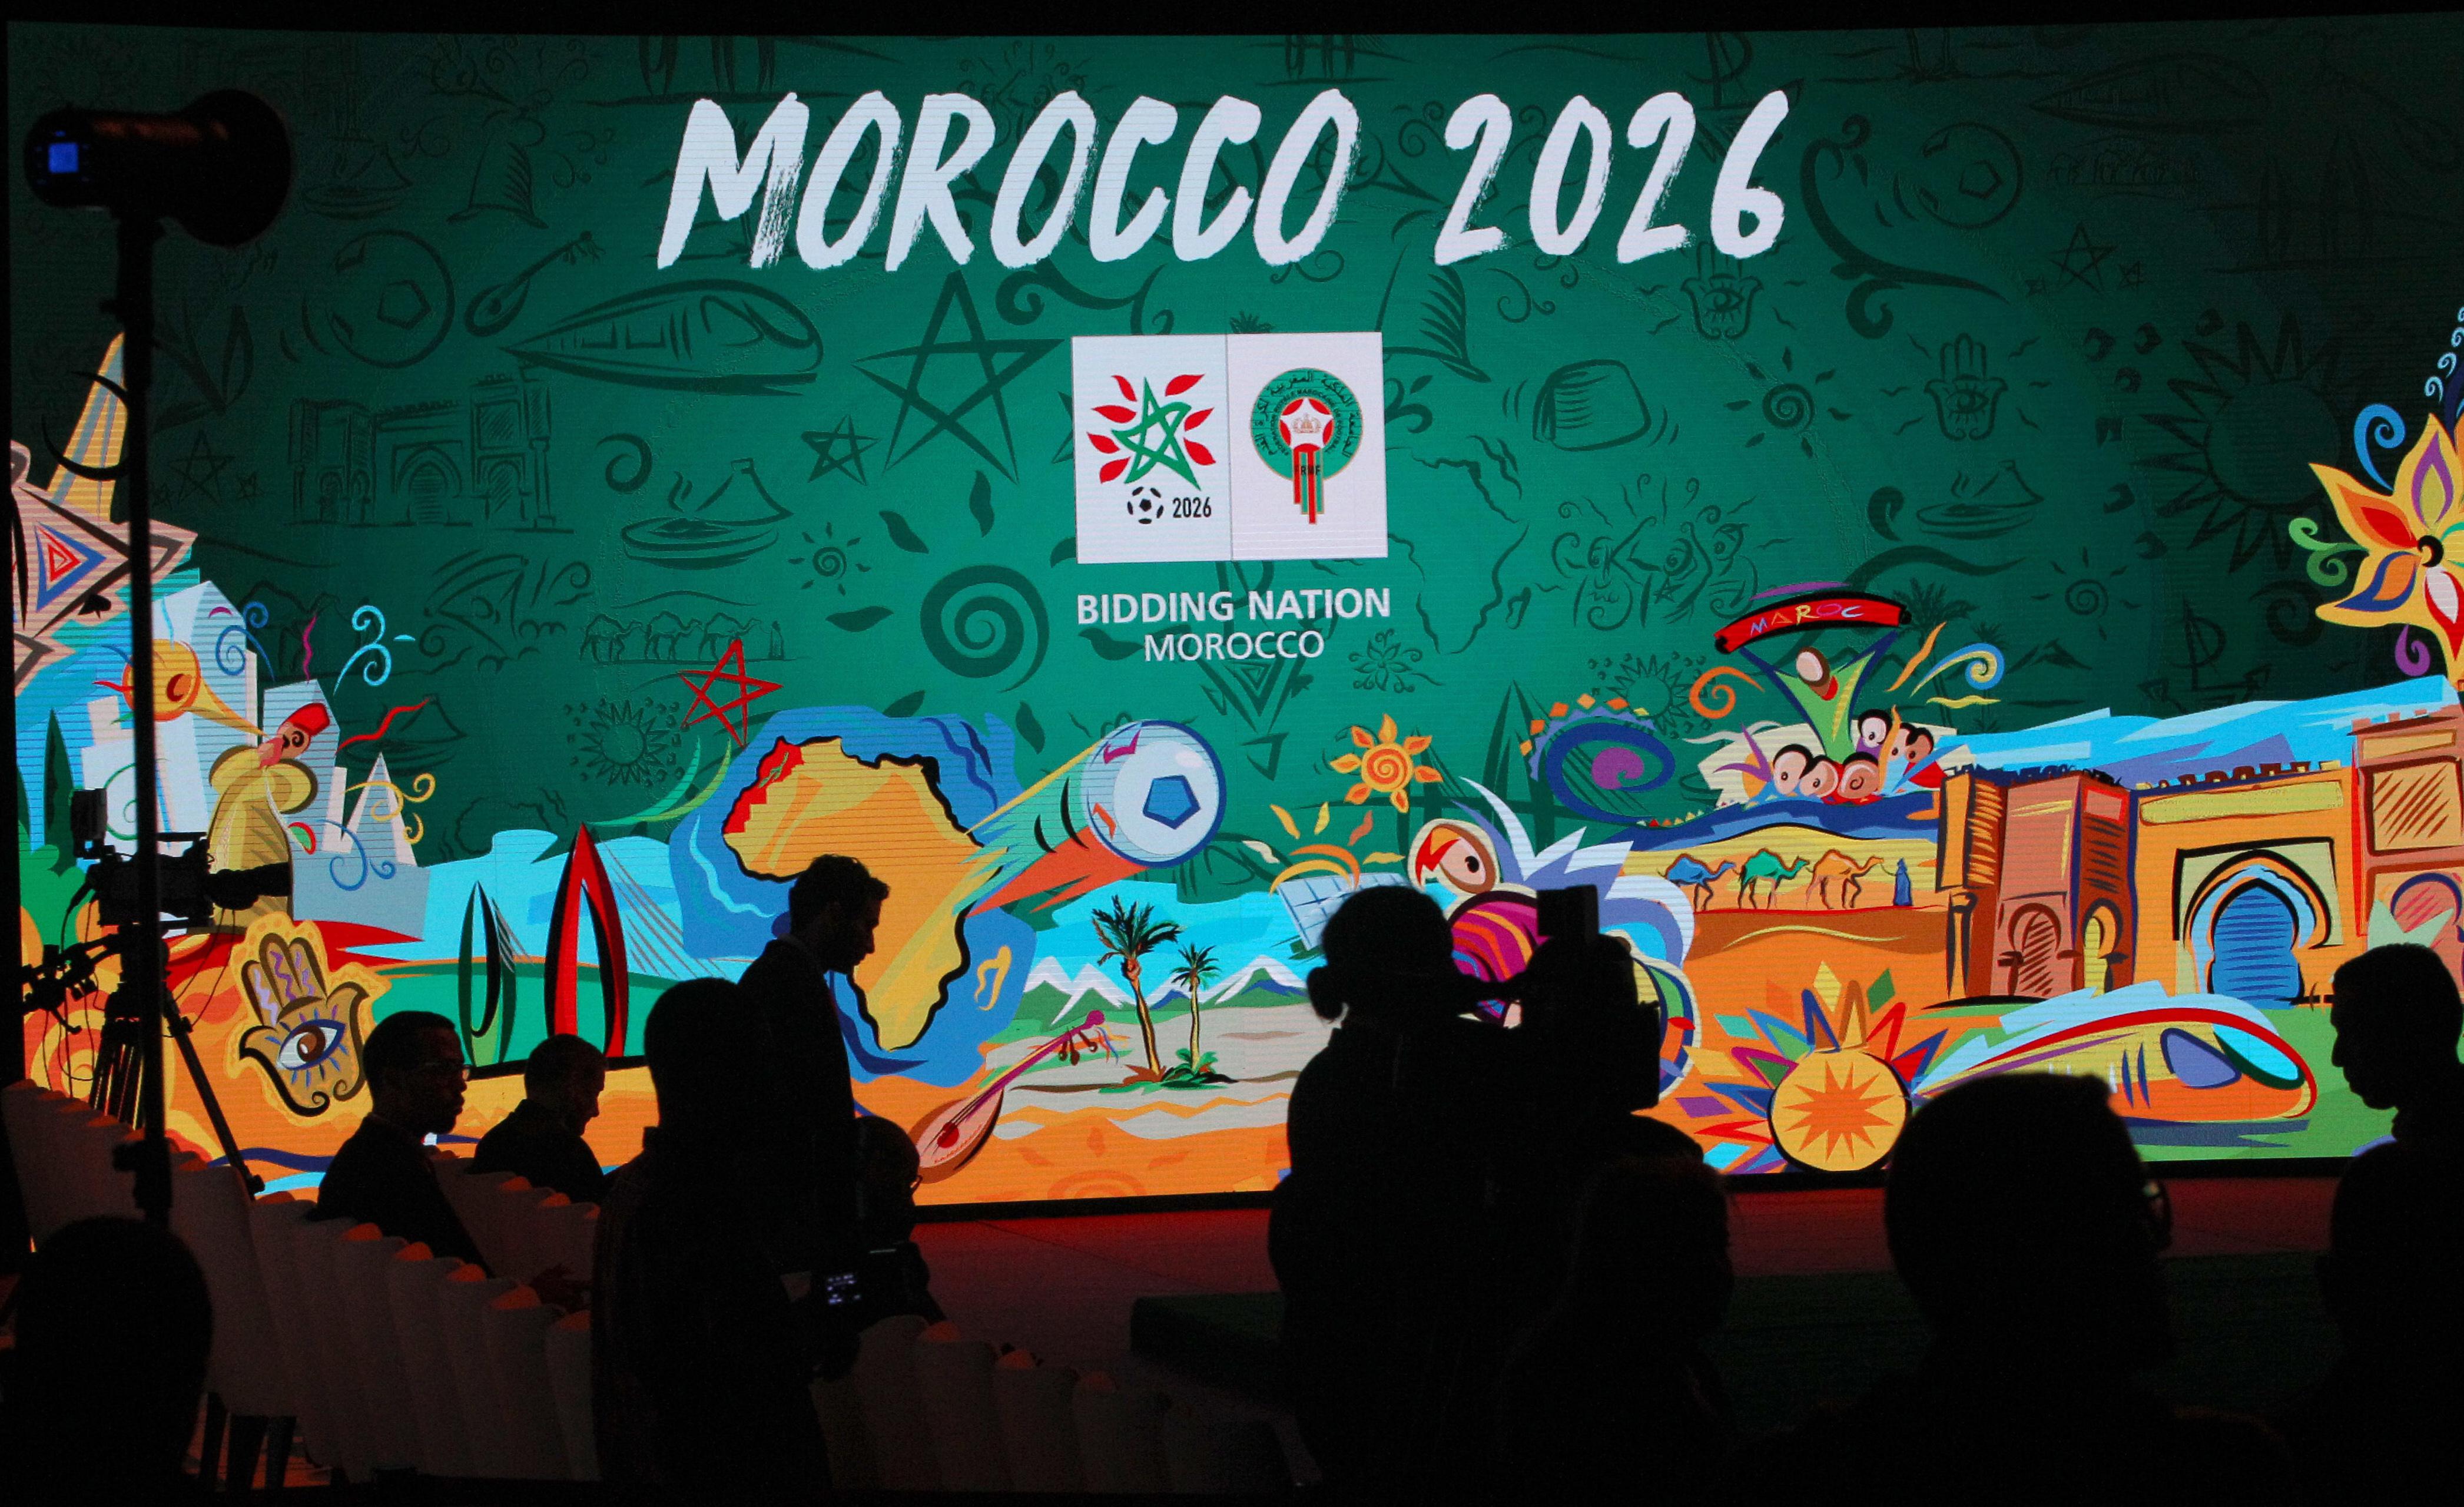 摩洛哥第5度申辦世足會內賽,依舊鎩羽而歸。(美聯社)